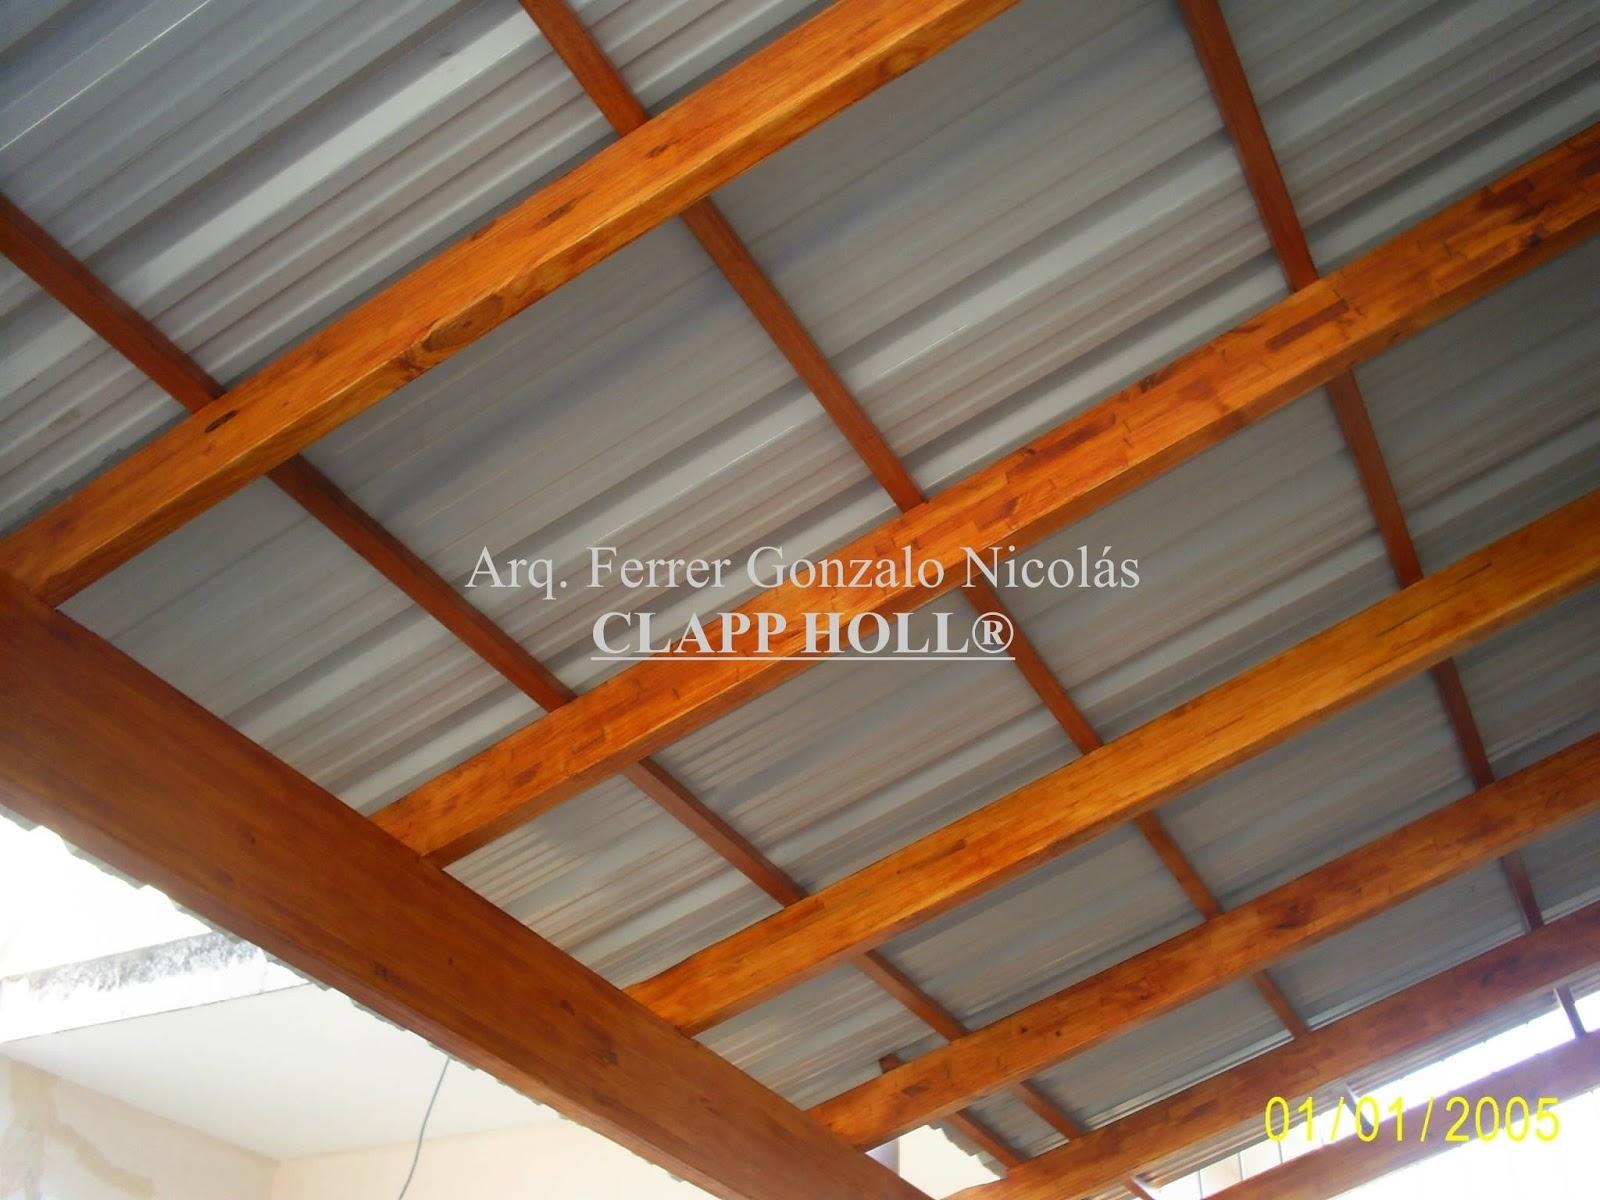 Fotos techos de chapa a la vista techos de madera clapp - Maderas y chapas ...